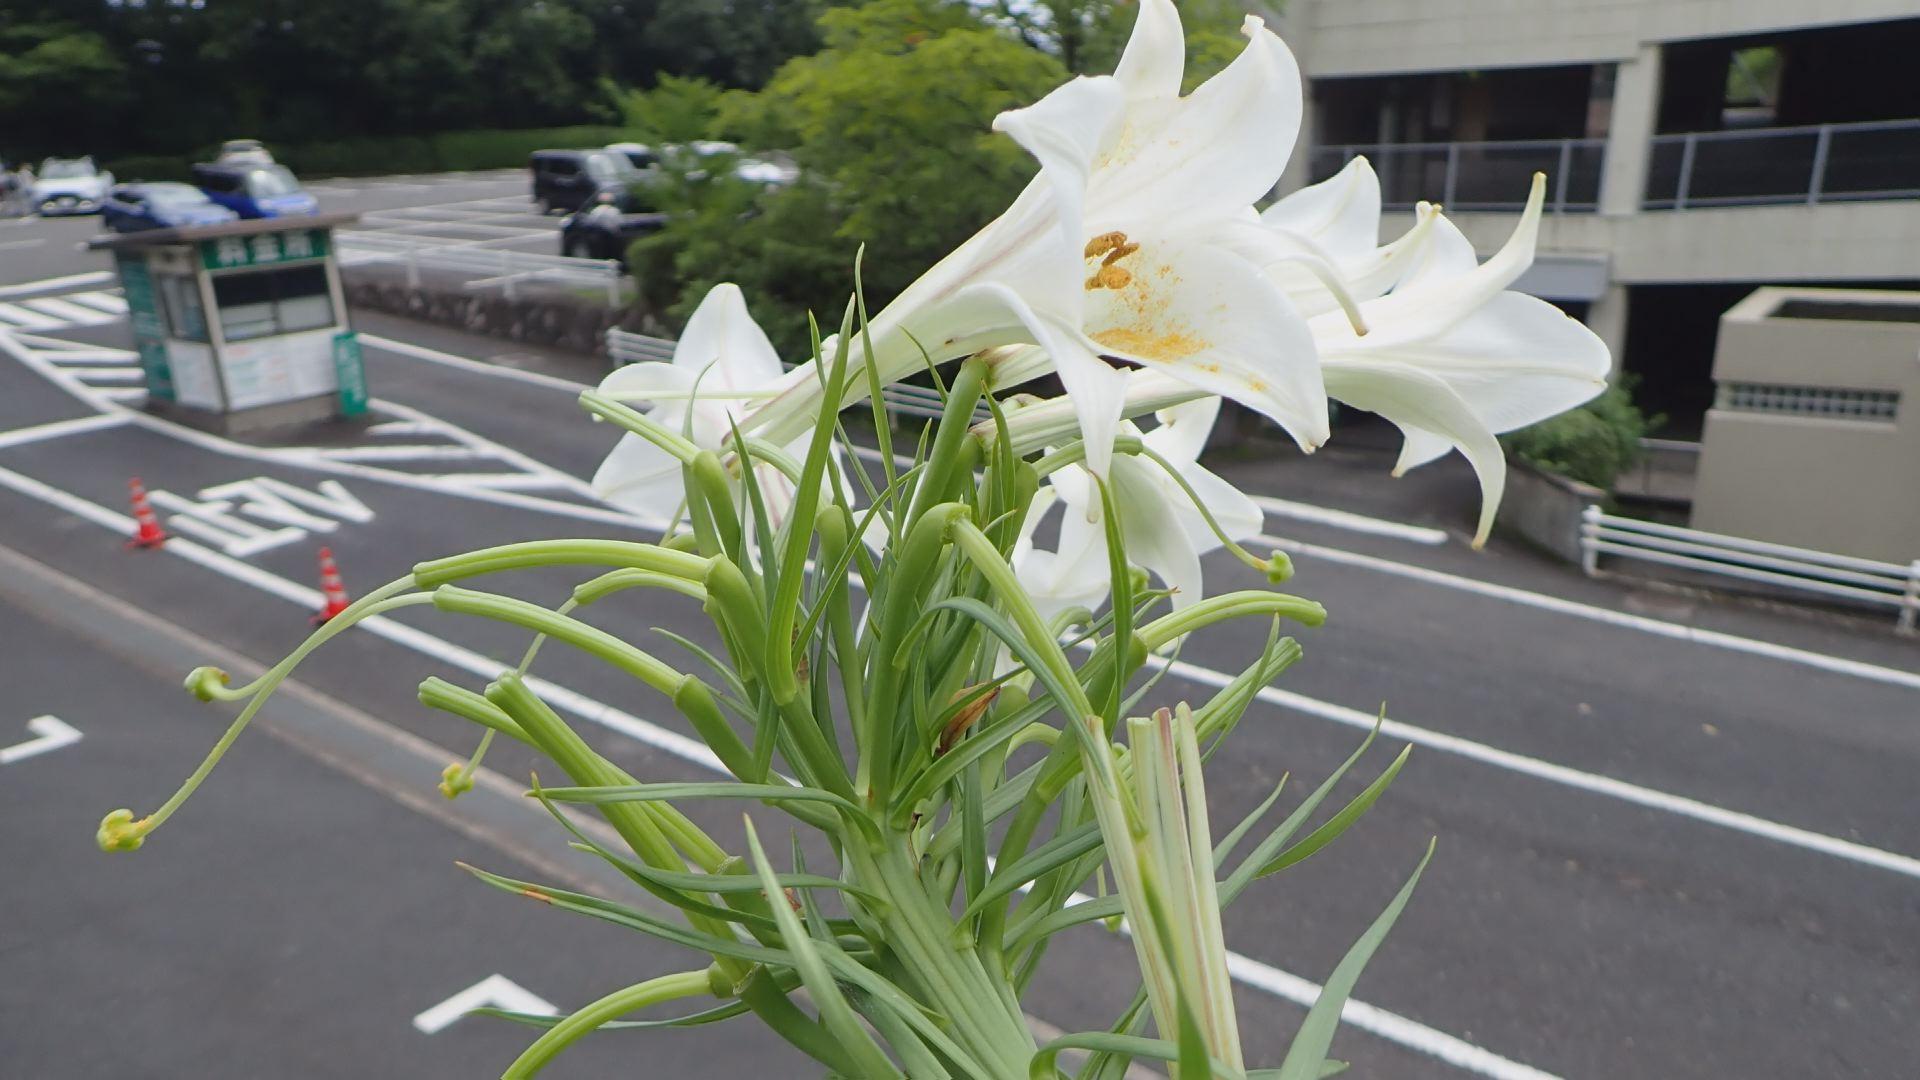 身近にもユニークな姿の植物があるかも?